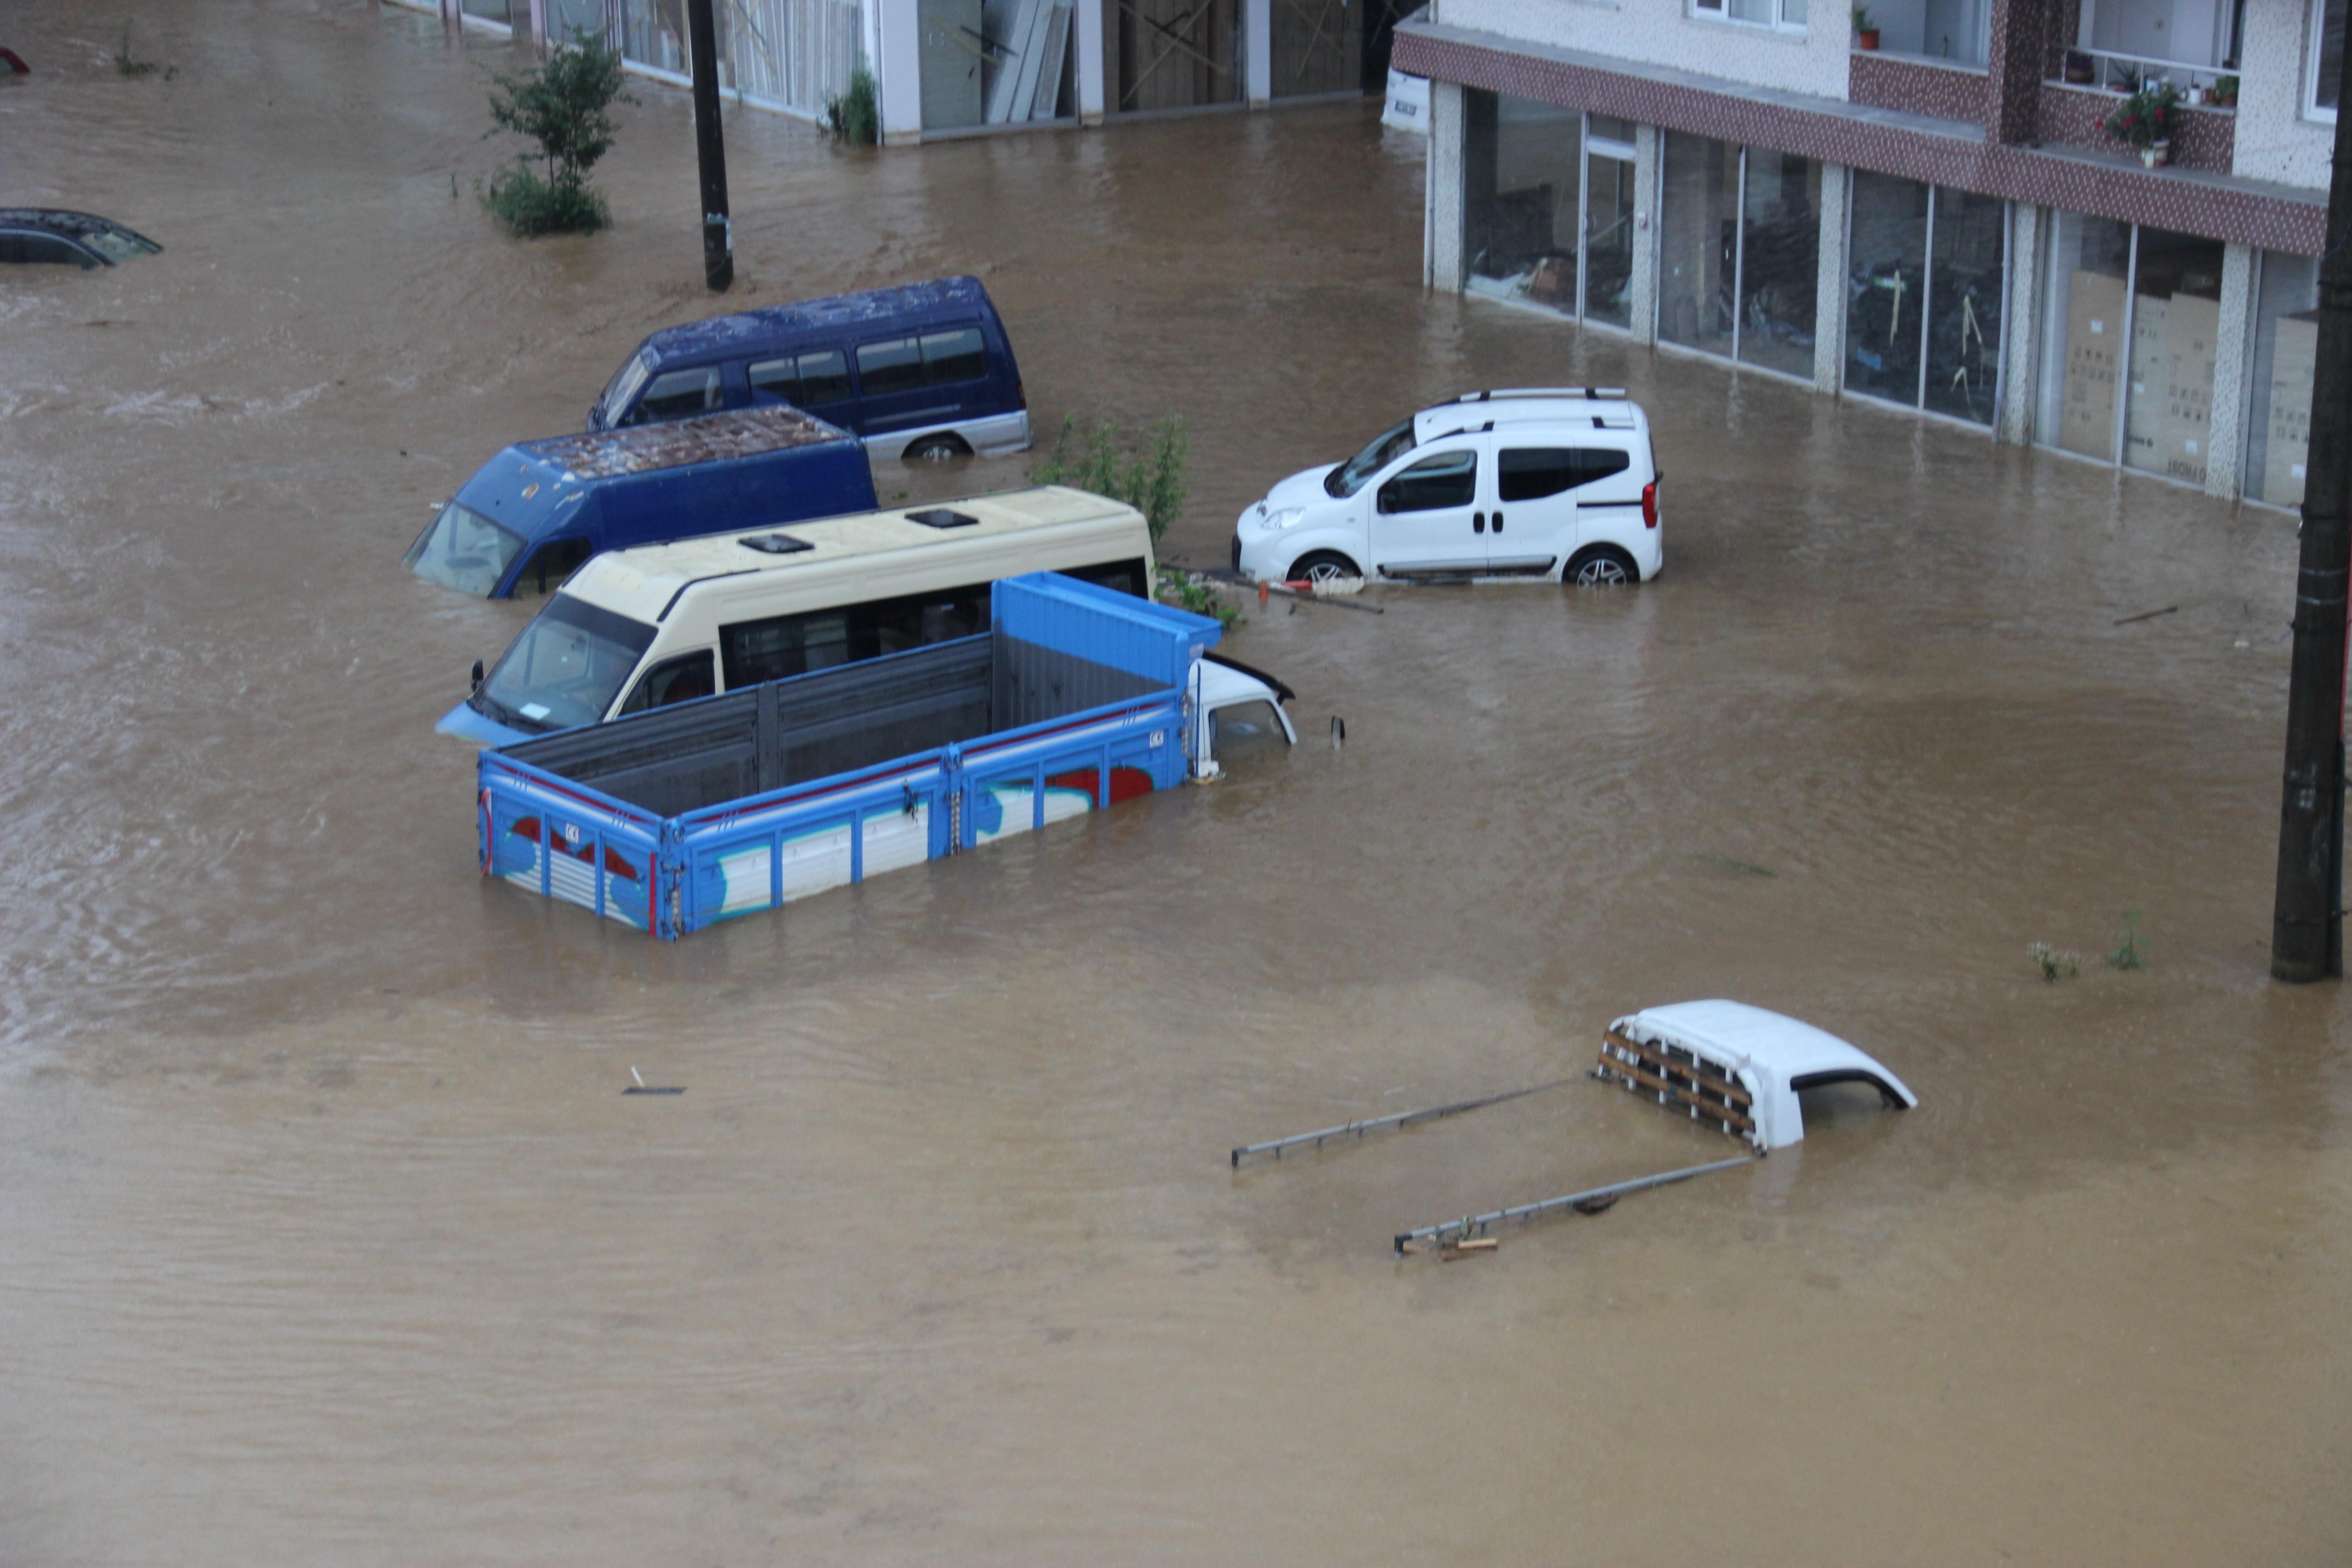 Rize'deki yağışlarda son 91 yılın rekoru kırıldı #9